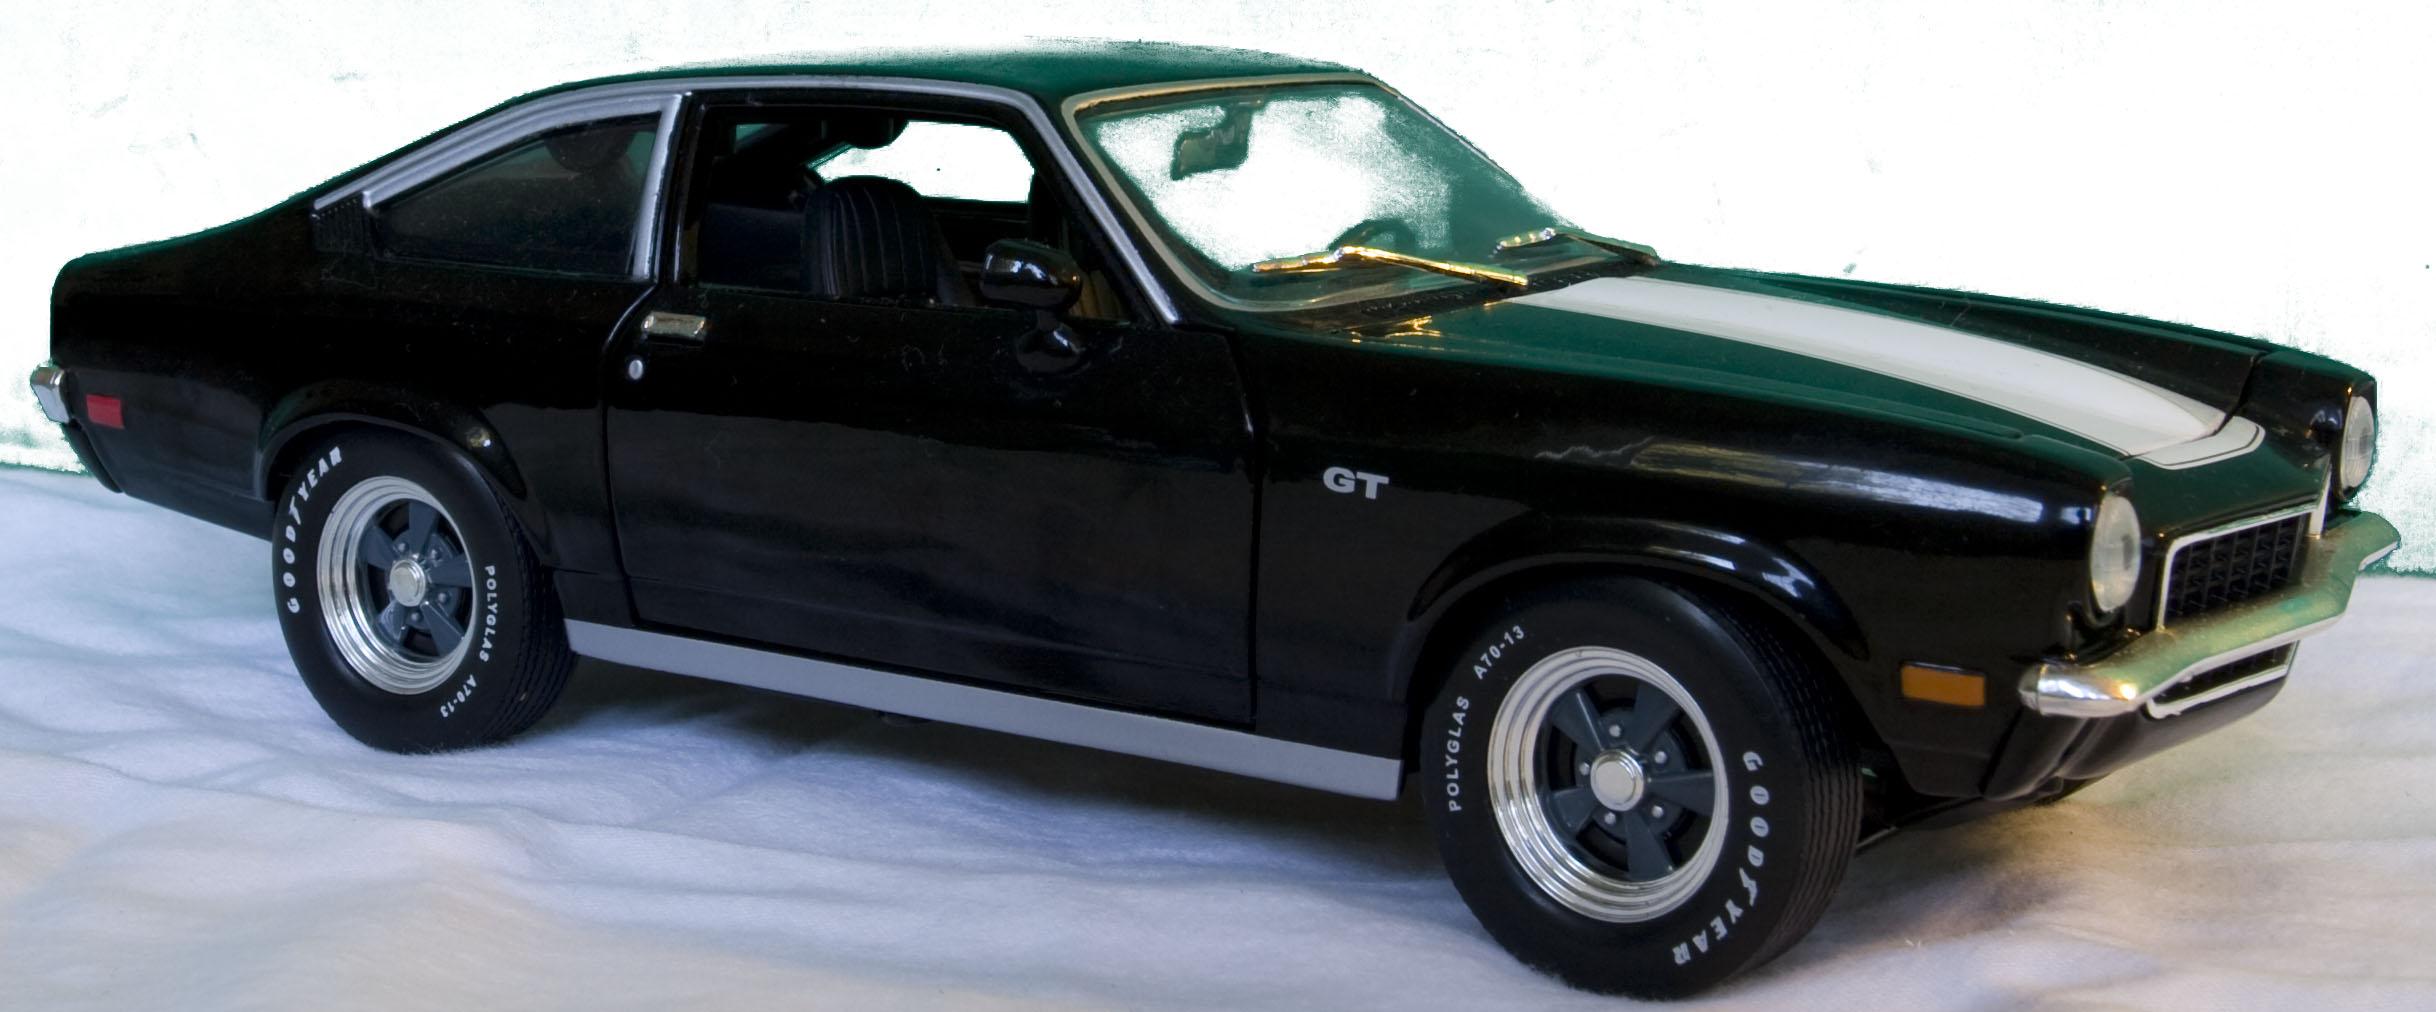 1976 Chevrolet Vega GT